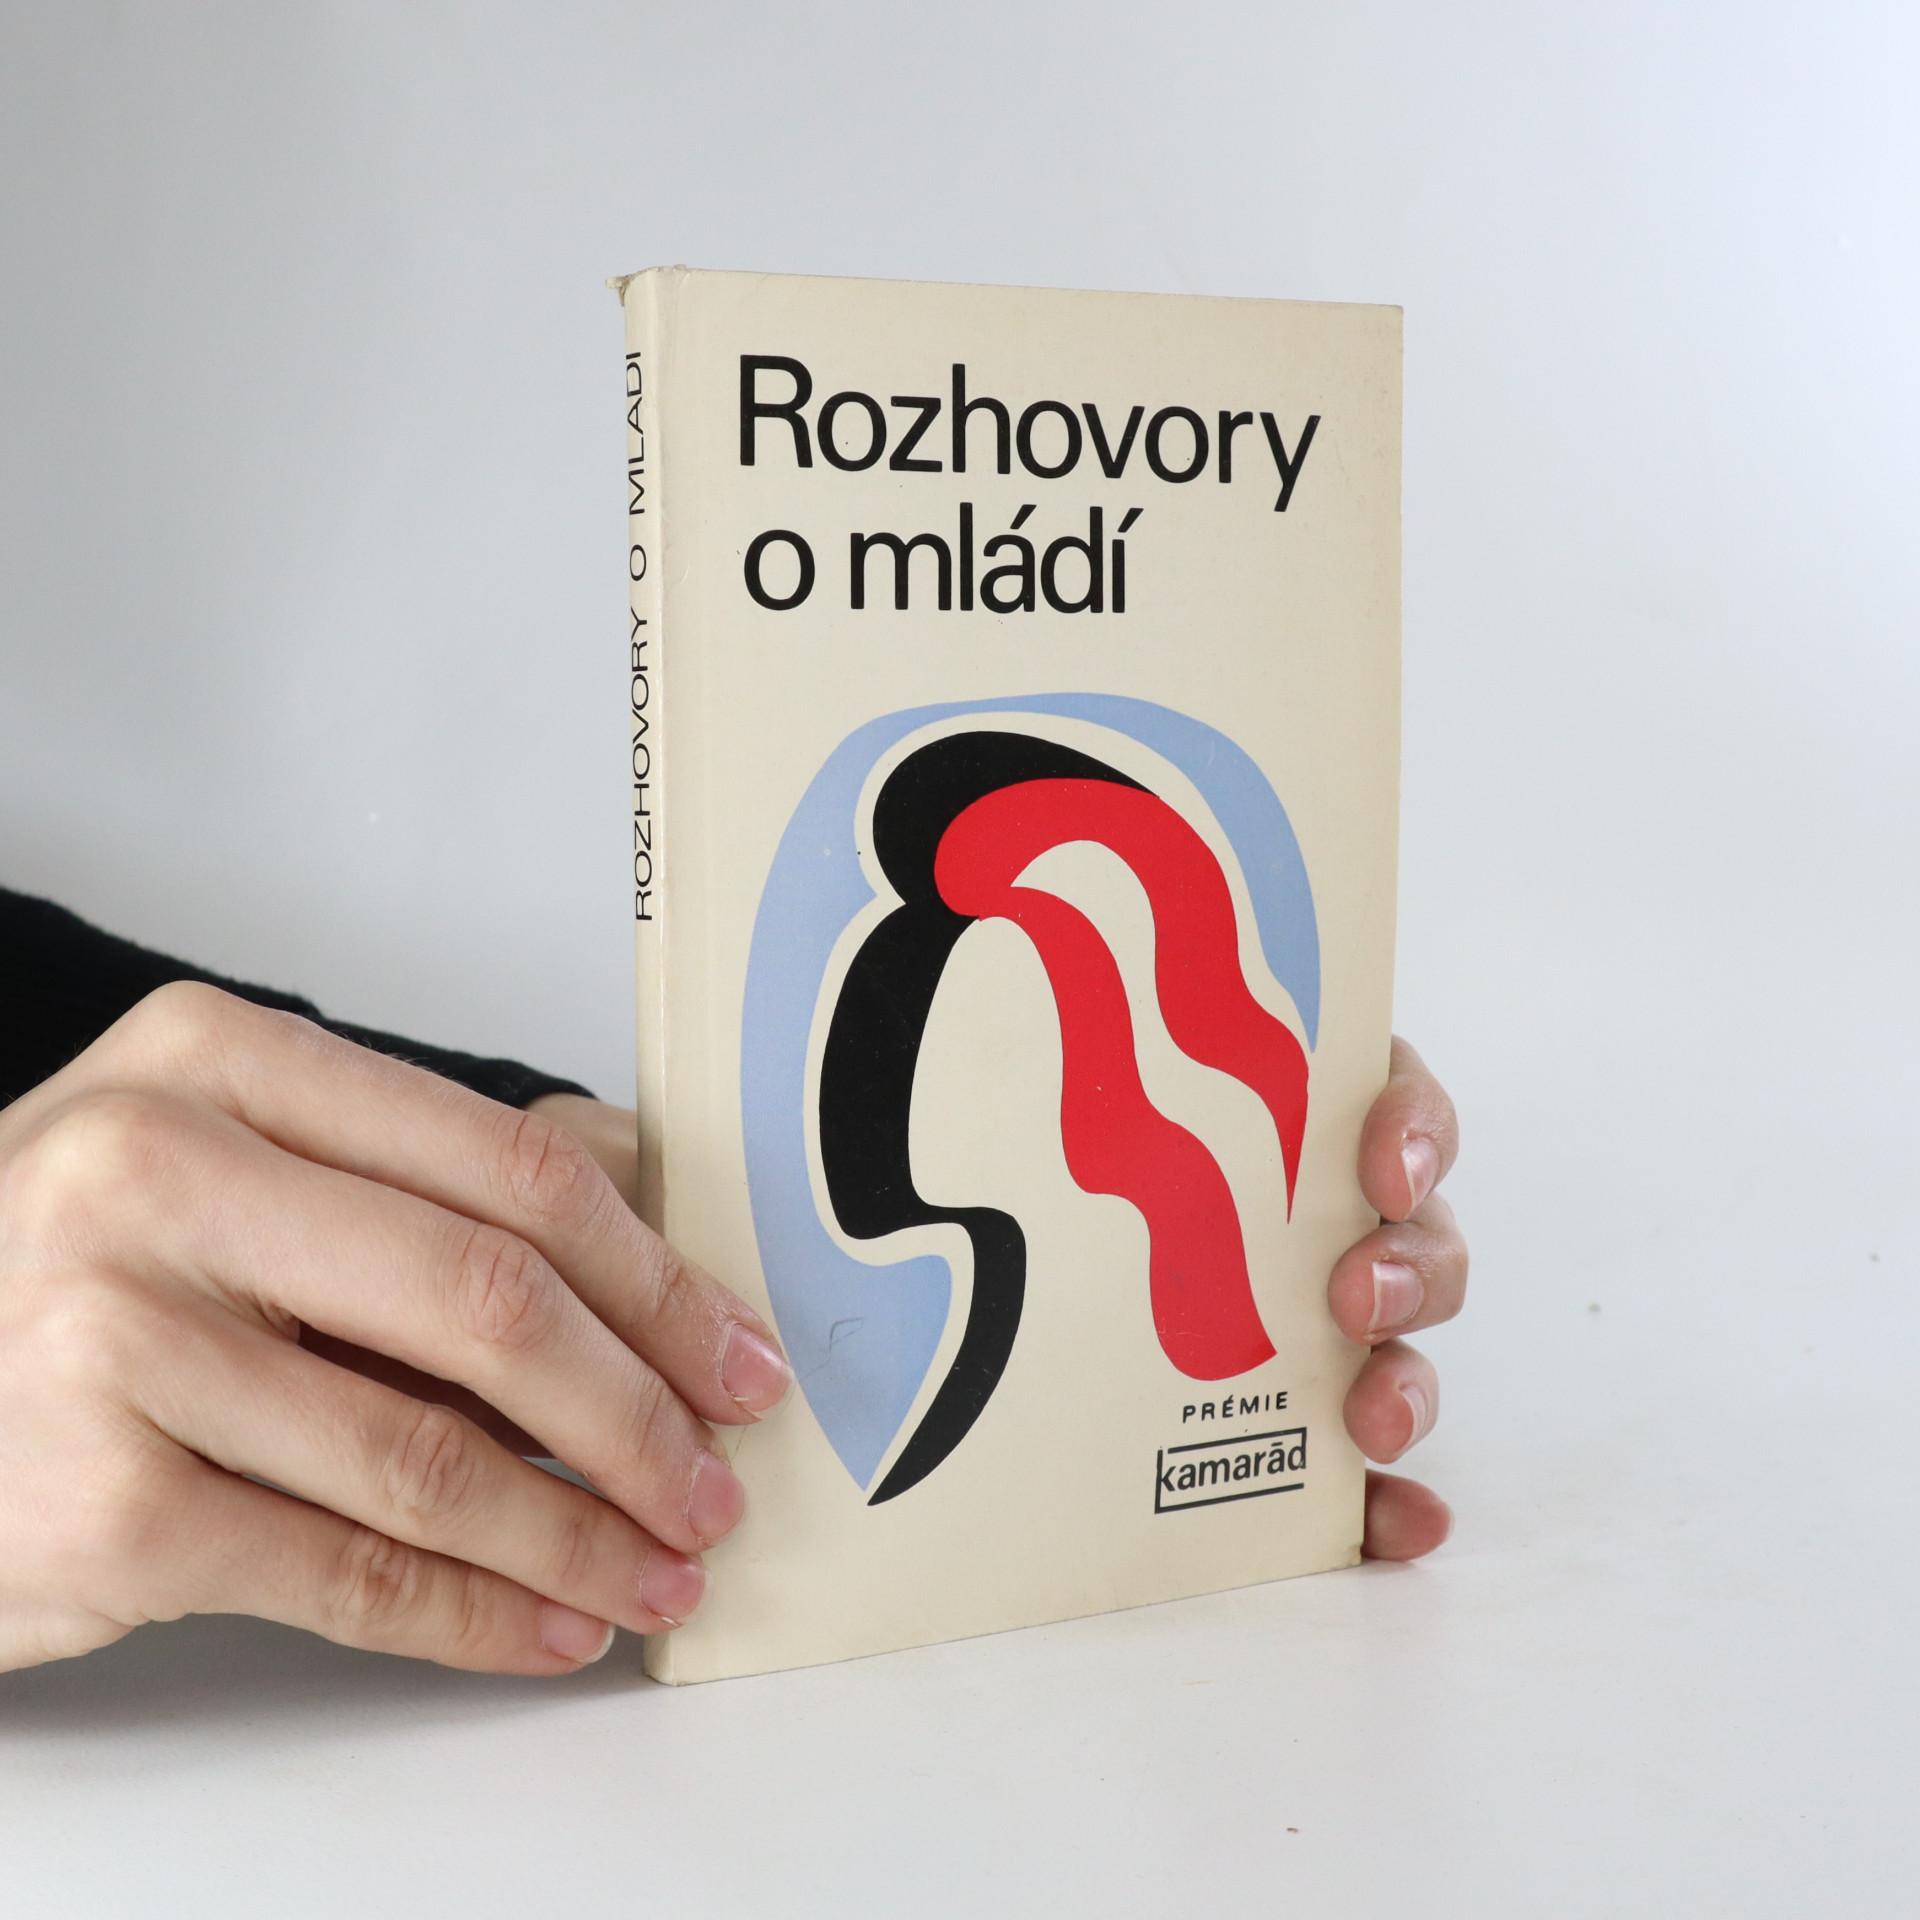 antikvární kniha Rozhovory o mládí, 1977